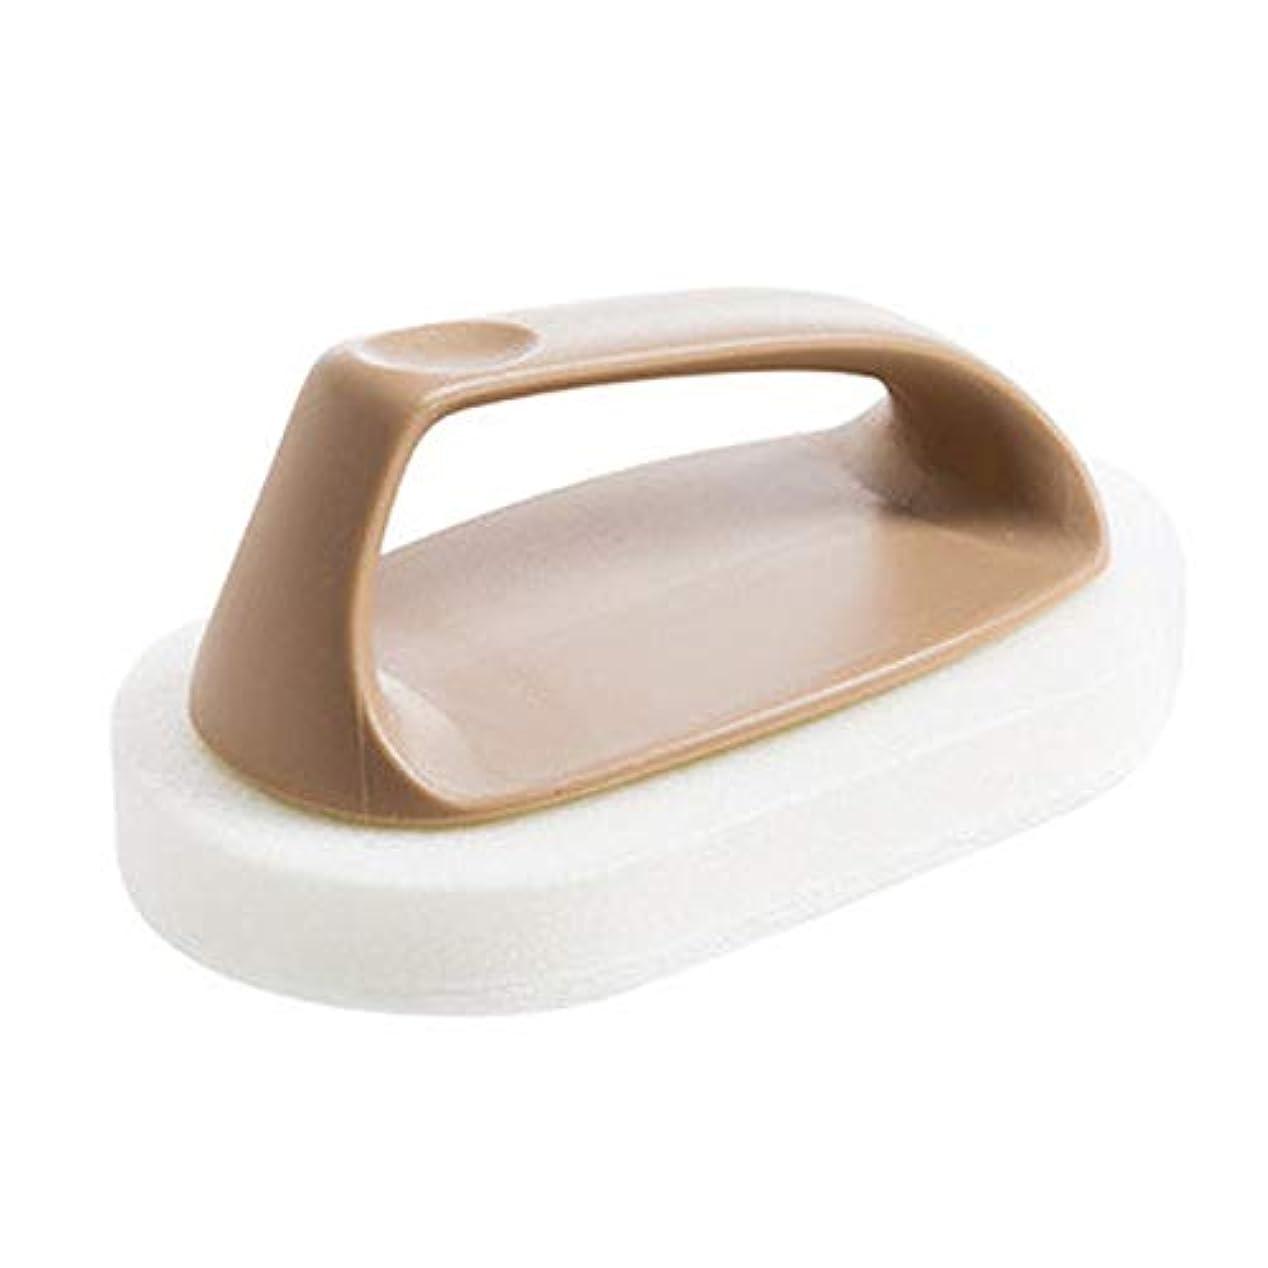 角度スライス石ポアクリーニング スポンジバスバスルーム強力な汚染除去タイルキッチンウォッシュポットクリーニングブラシストーブスポンジ2 PC マッサージブラシ (色 : 褐色)